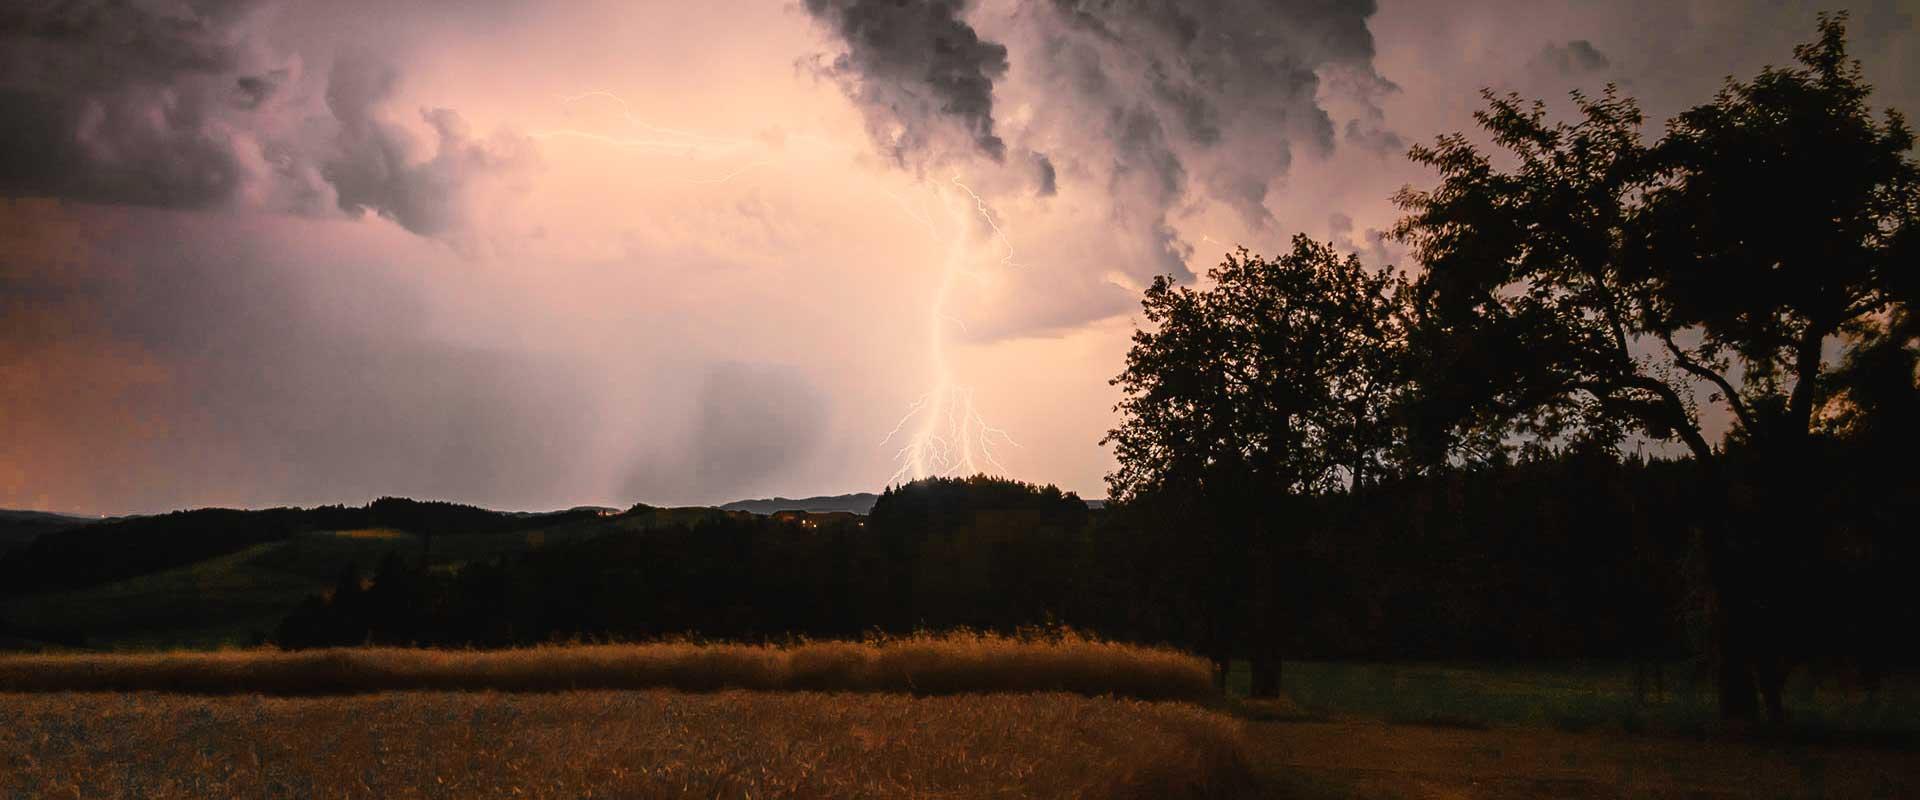 Überspannungsschäden durch Gewitter